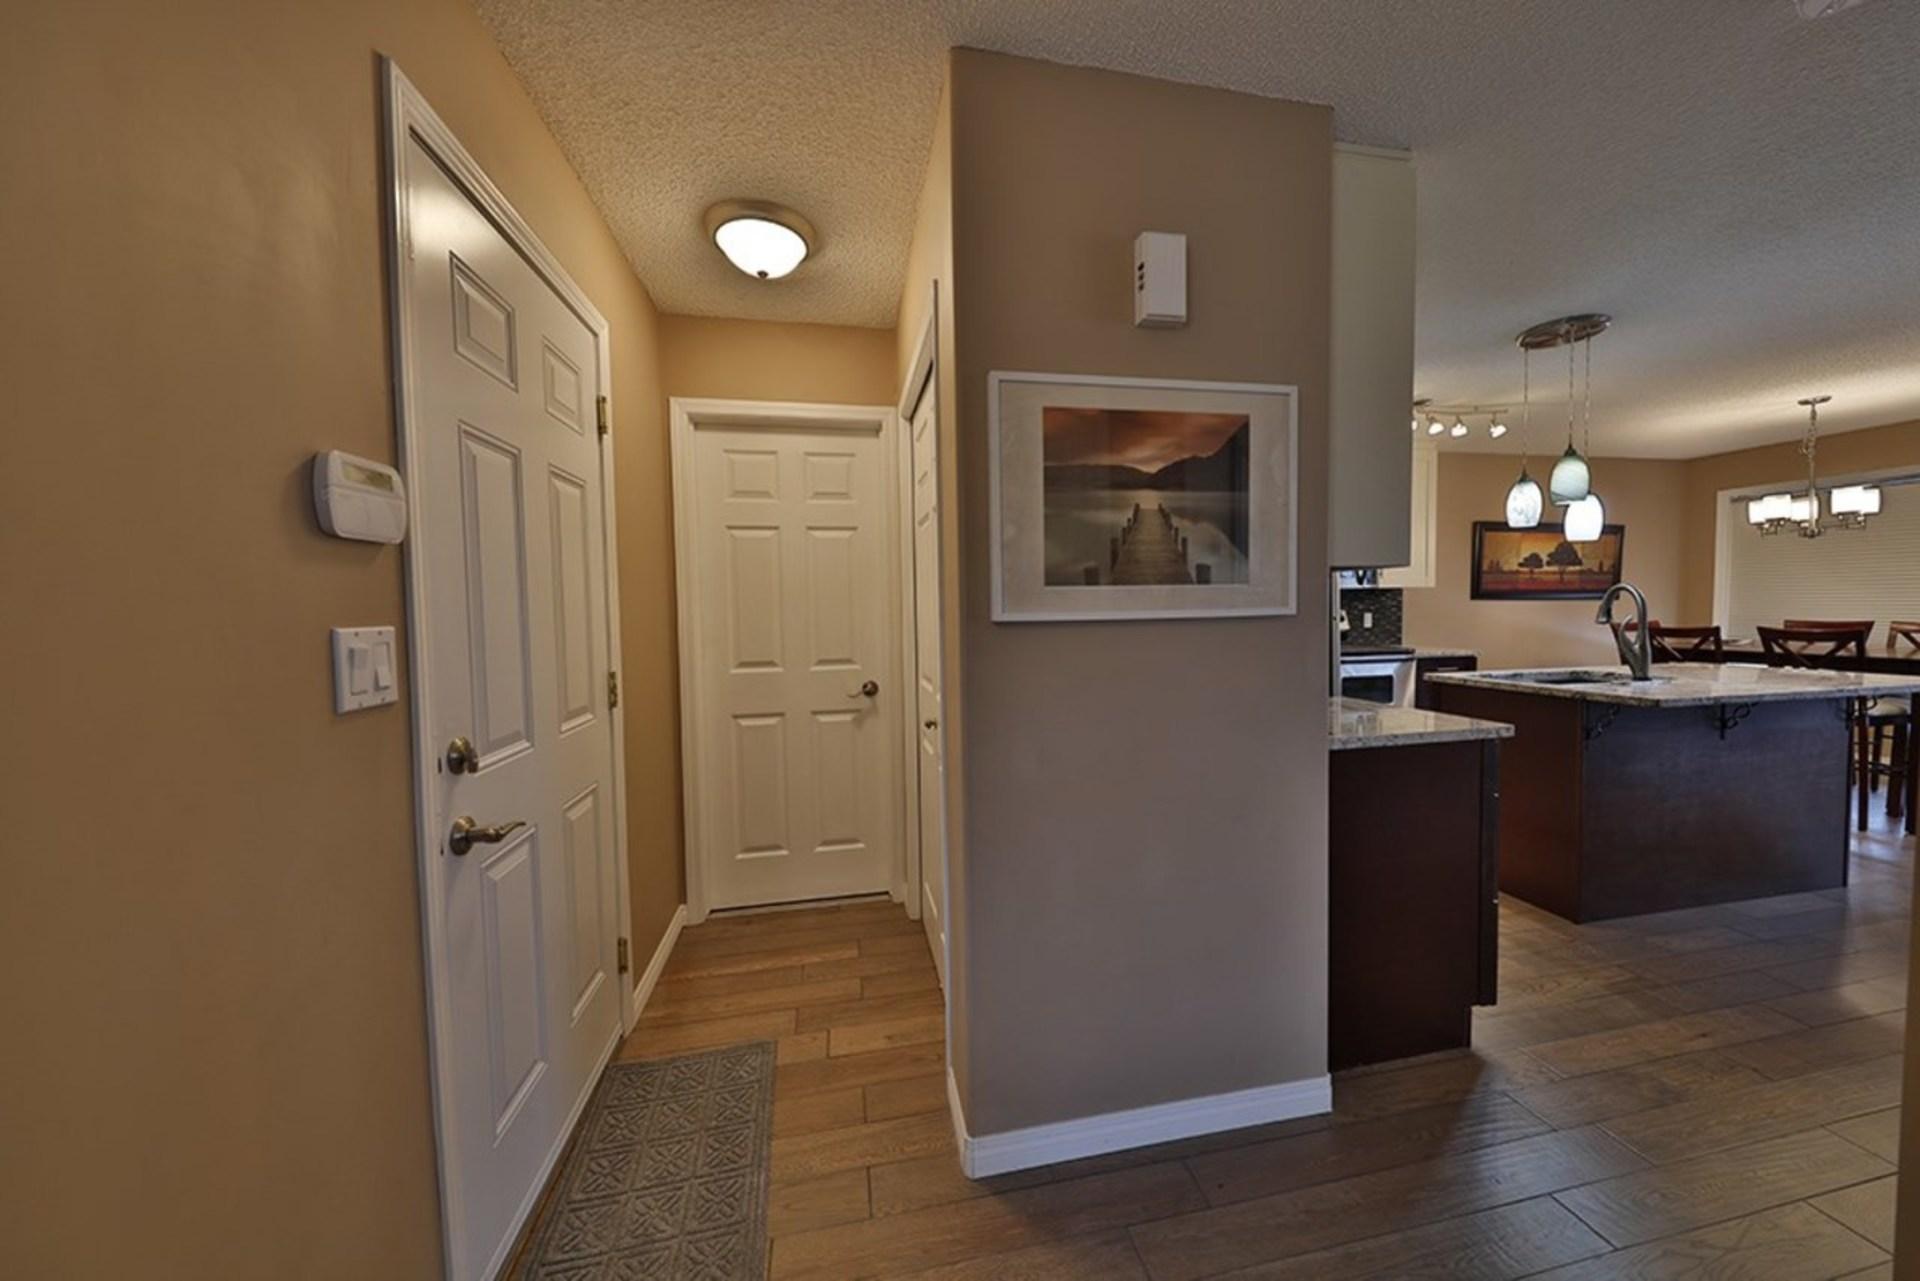 17316-119-street-canossa-edmonton-08 at 17316 119 Street, Canossa, Edmonton